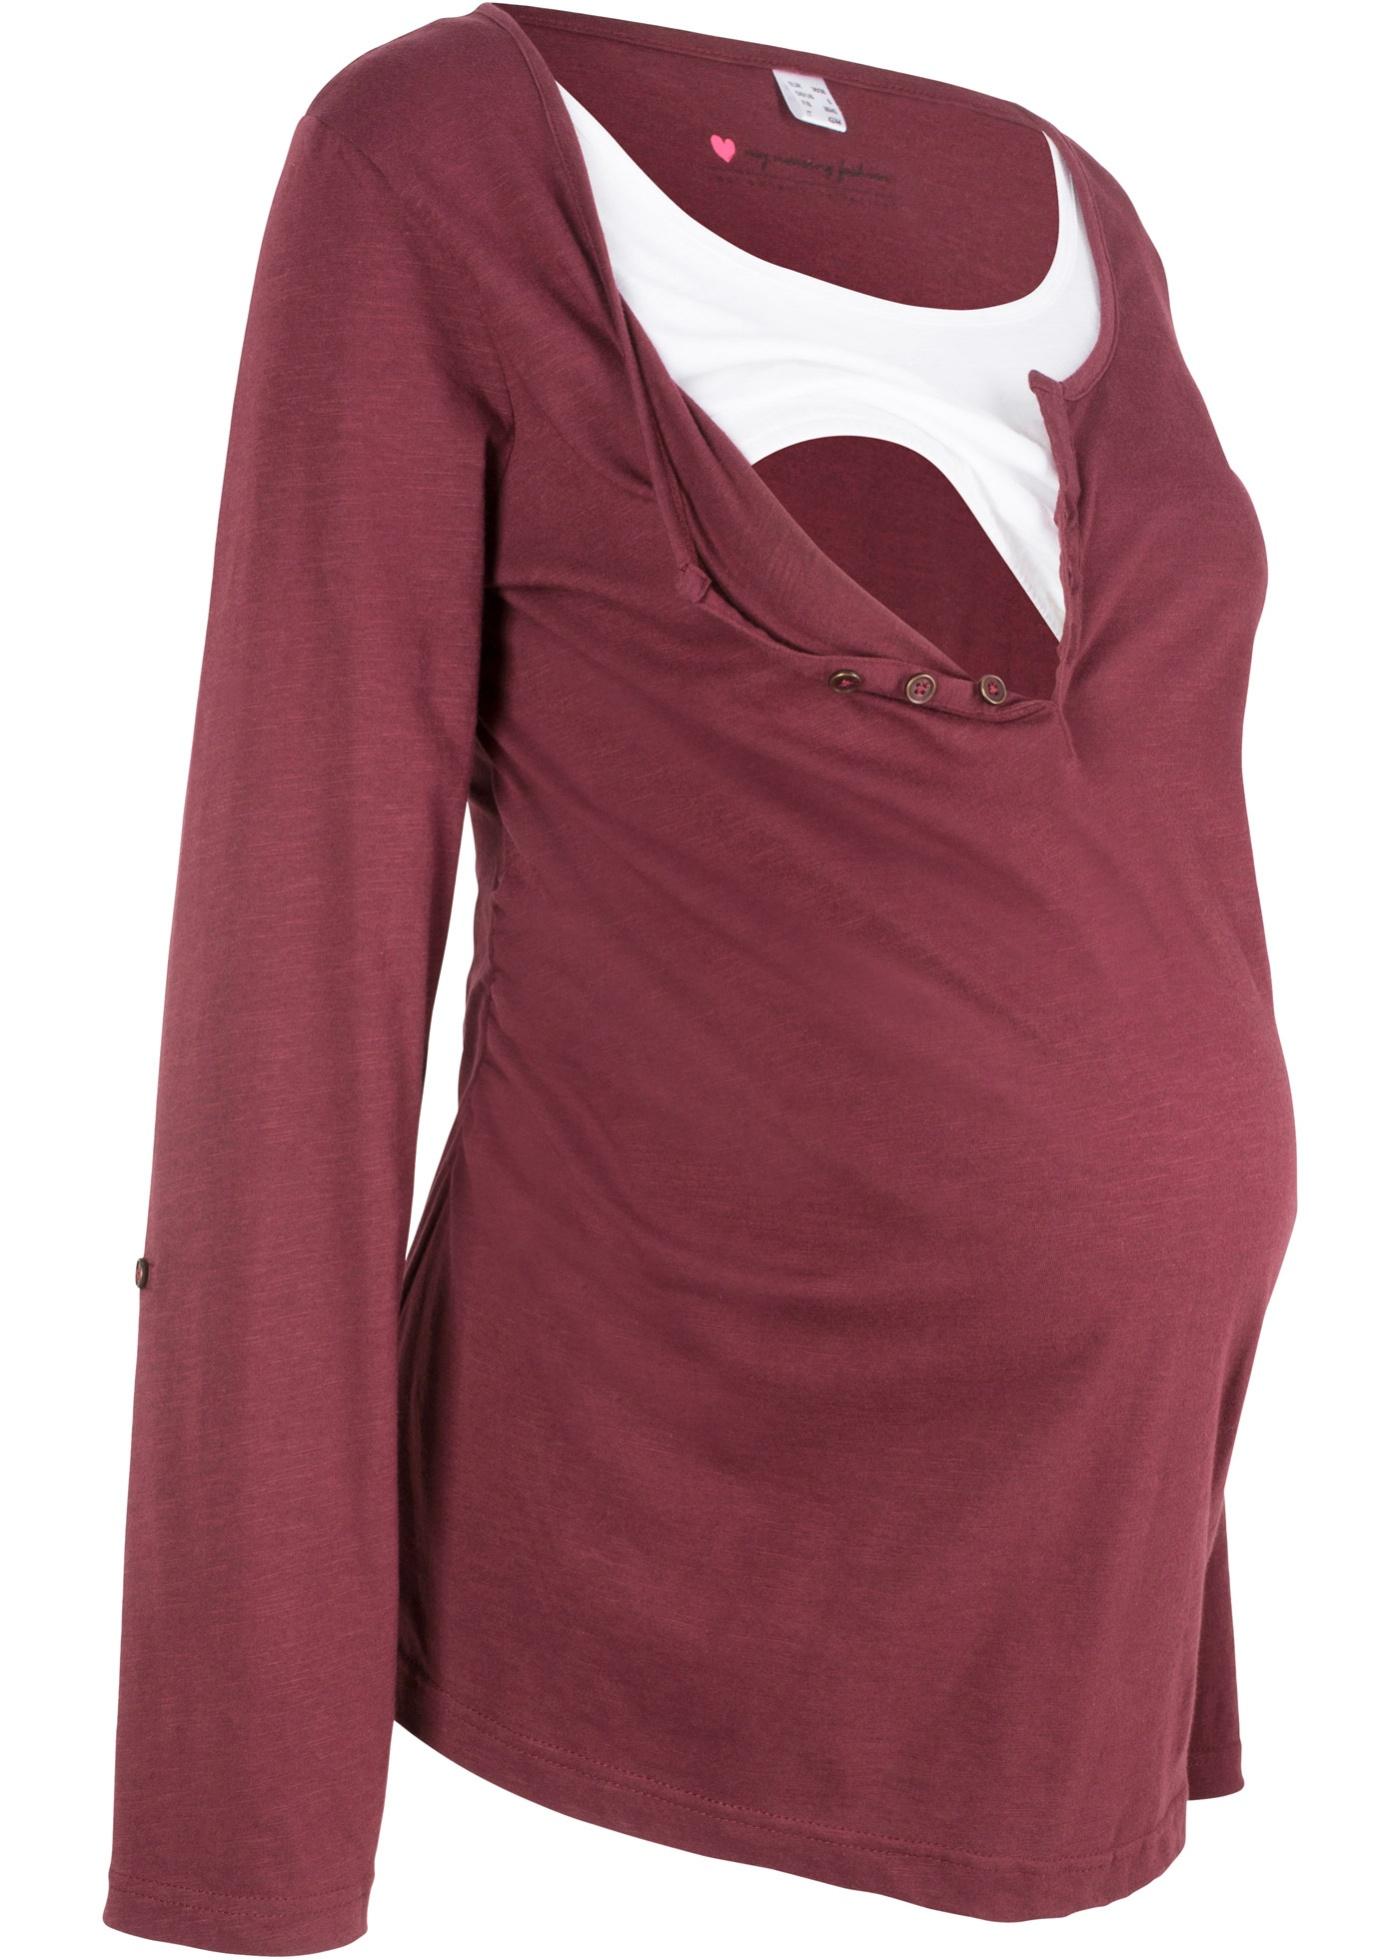 Stillshirt/Umstandsshirt mit langen Ärmeln zum Krempeln